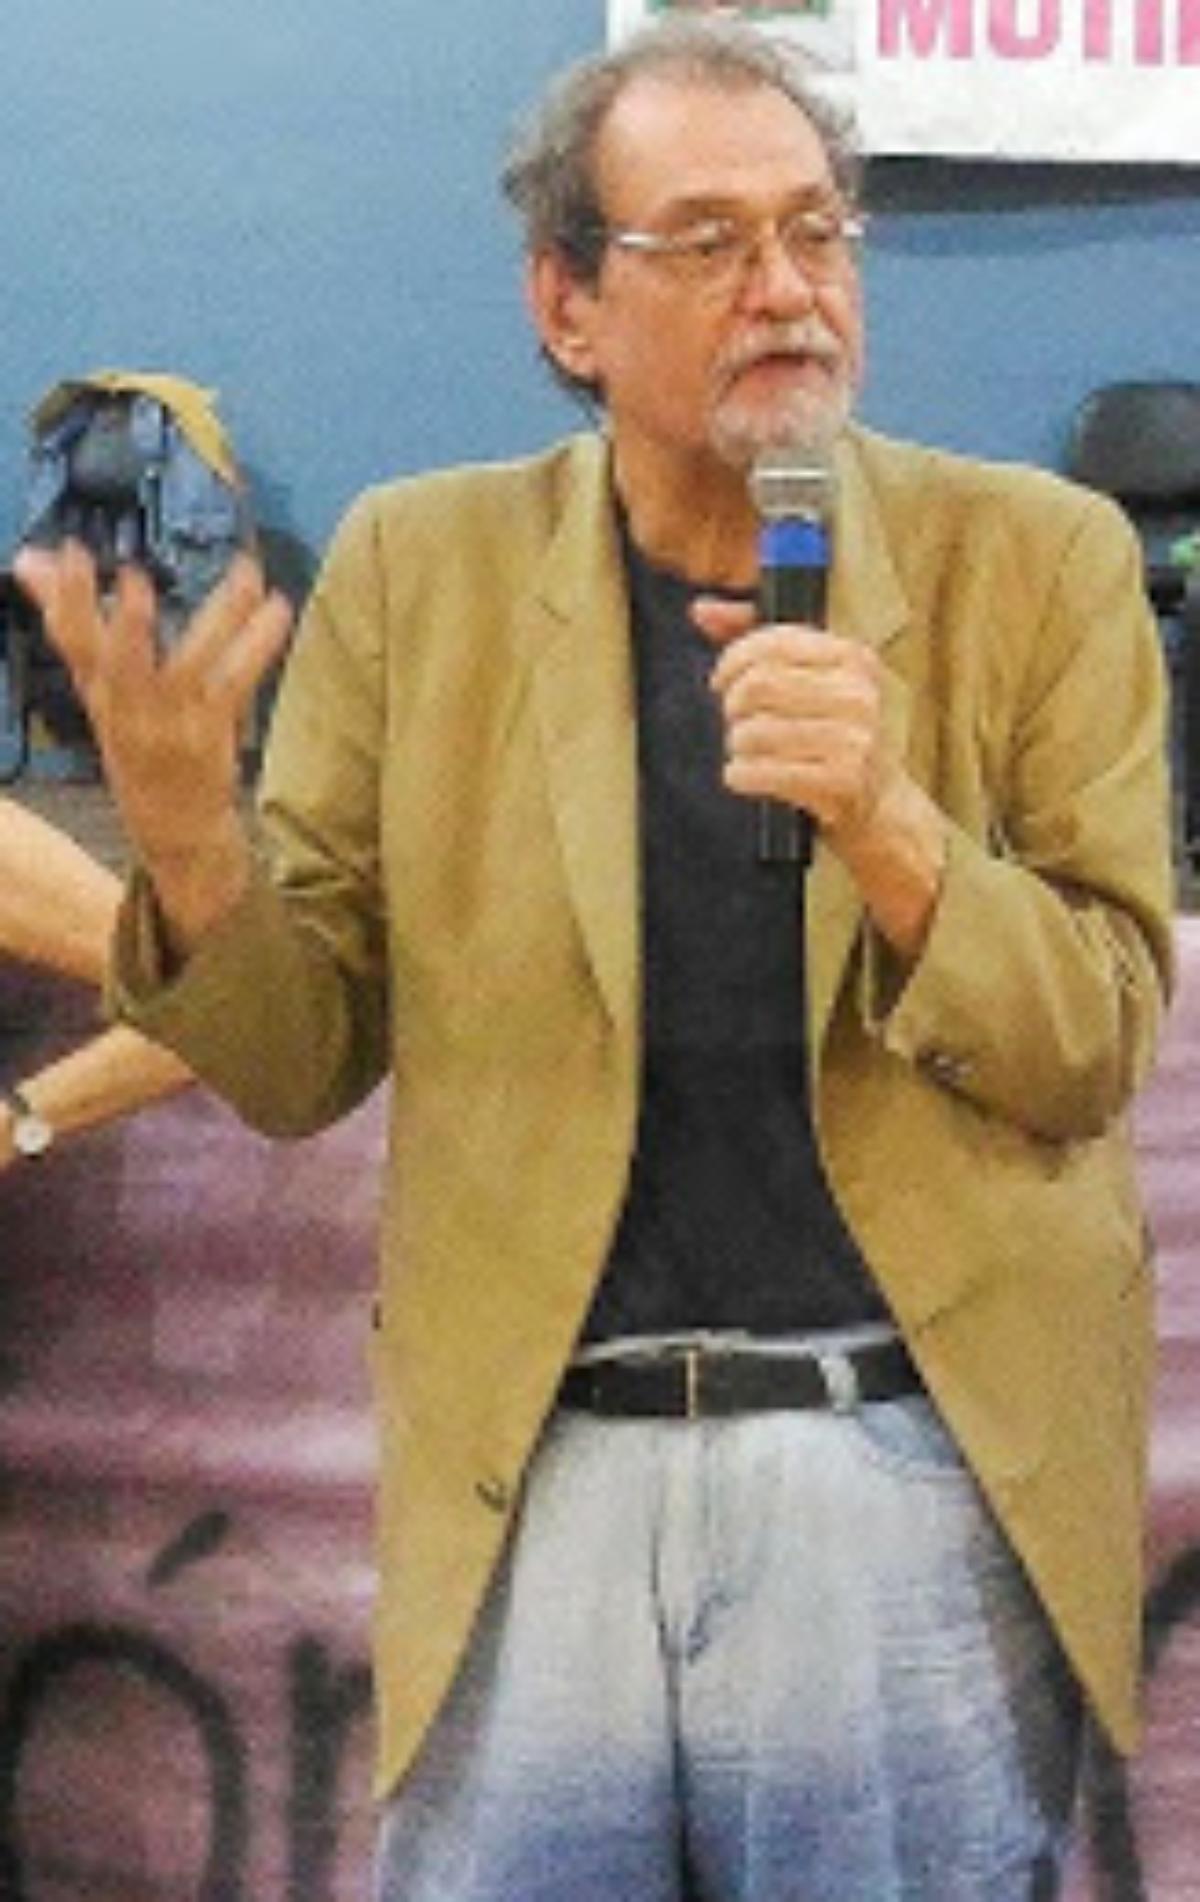 Εις Μνήμην: Δημήτρης Βασίλης Αναστασάκης / DIMITRIS (Demetre) VASSILIS ANASTASSAKIS, 1948 – 2019